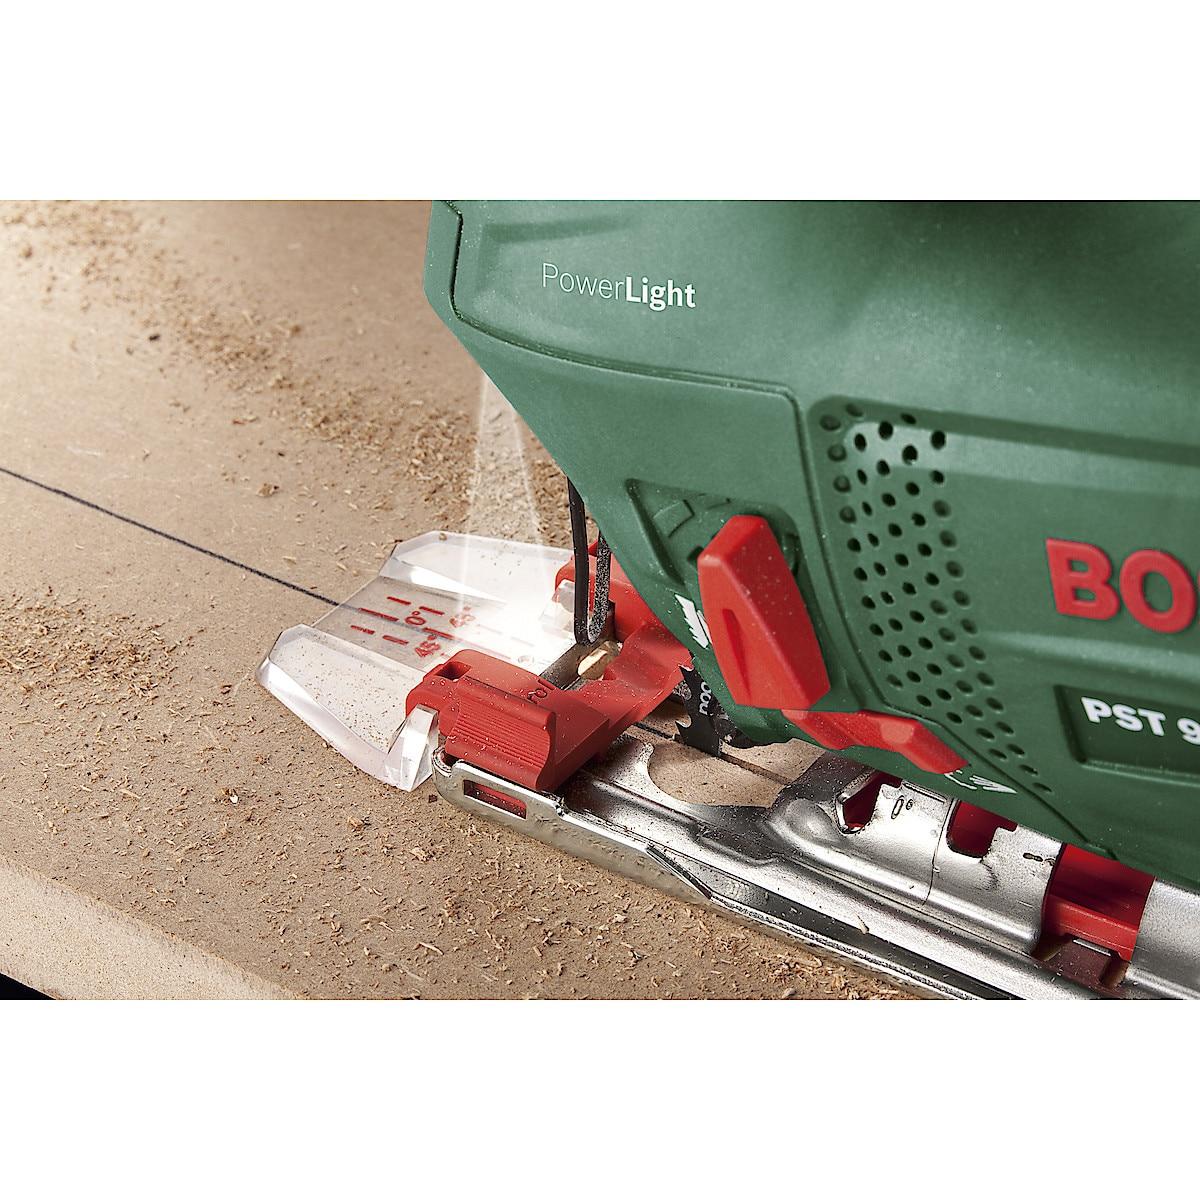 Sticksåg Bosch PST 900 PEL